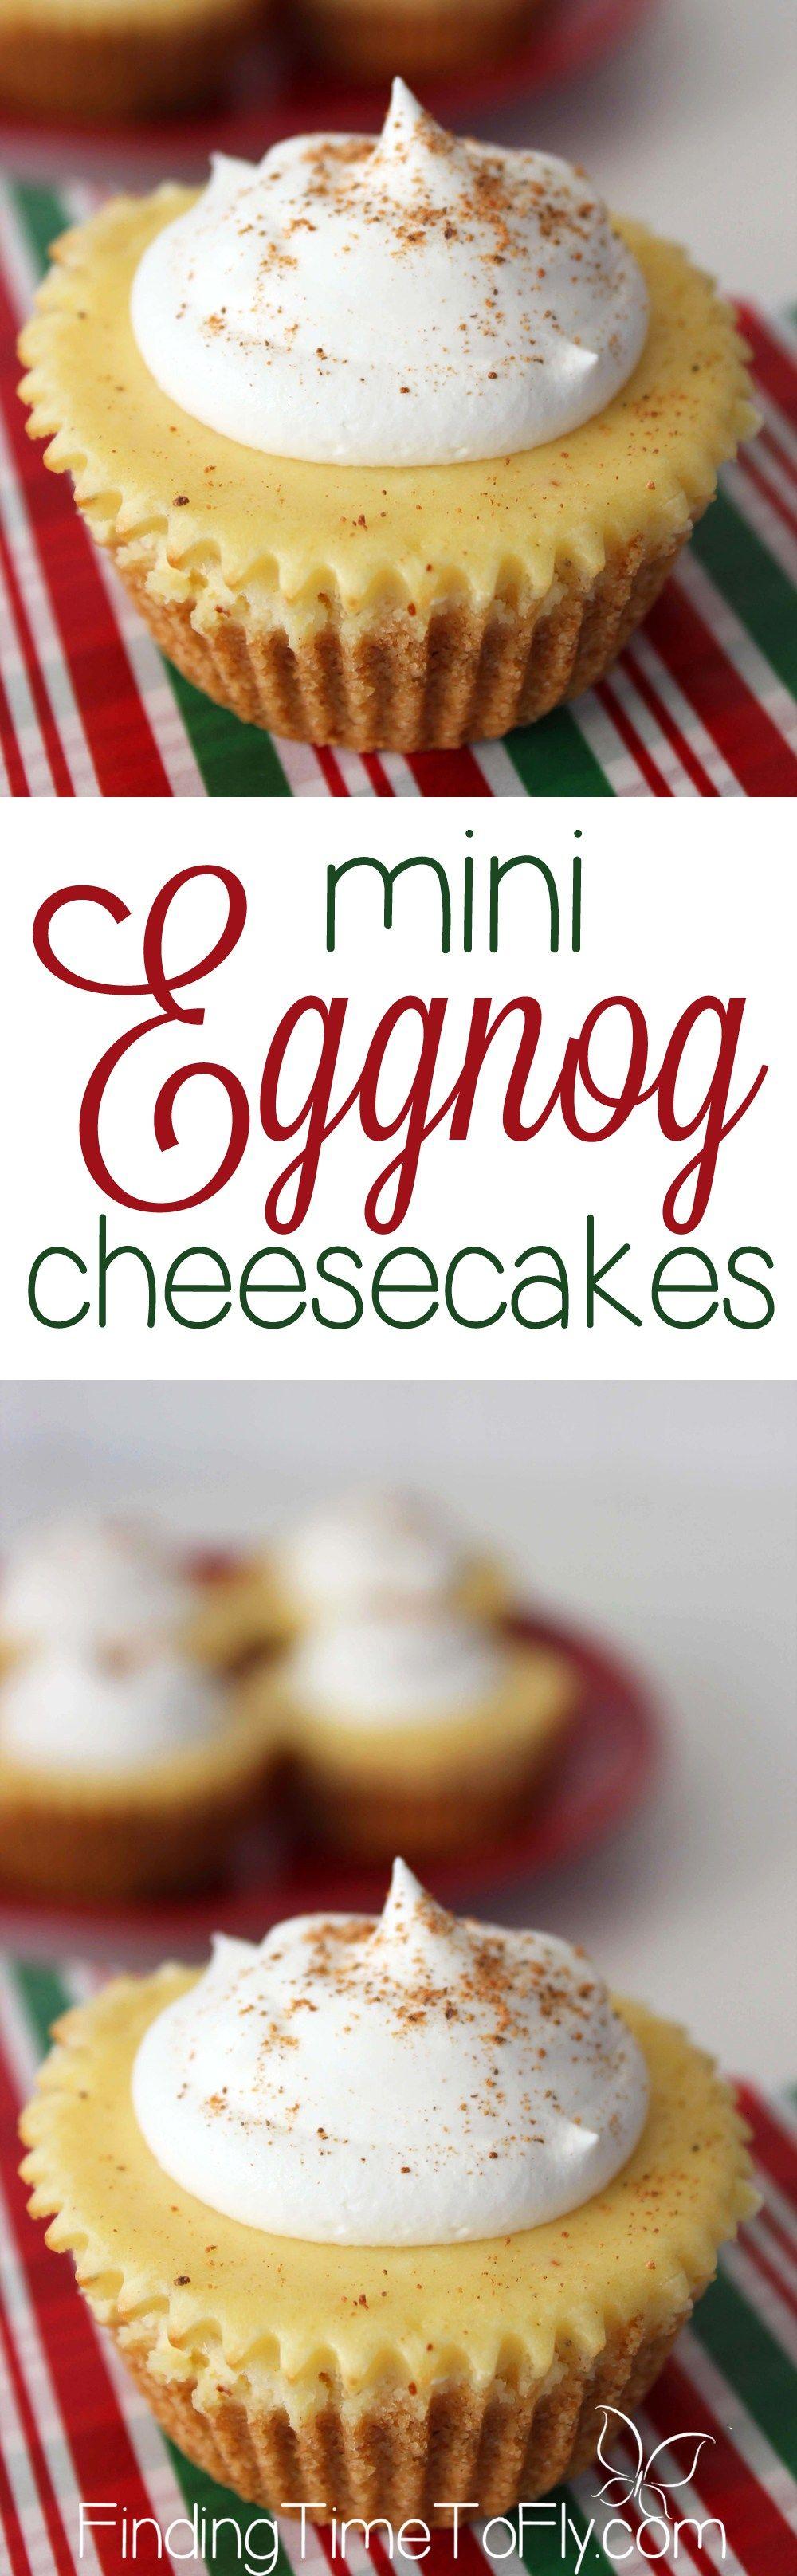 Mini Eggnog Cheesecakes | Recipe | Eggnog cheesecake, Eggs and ...